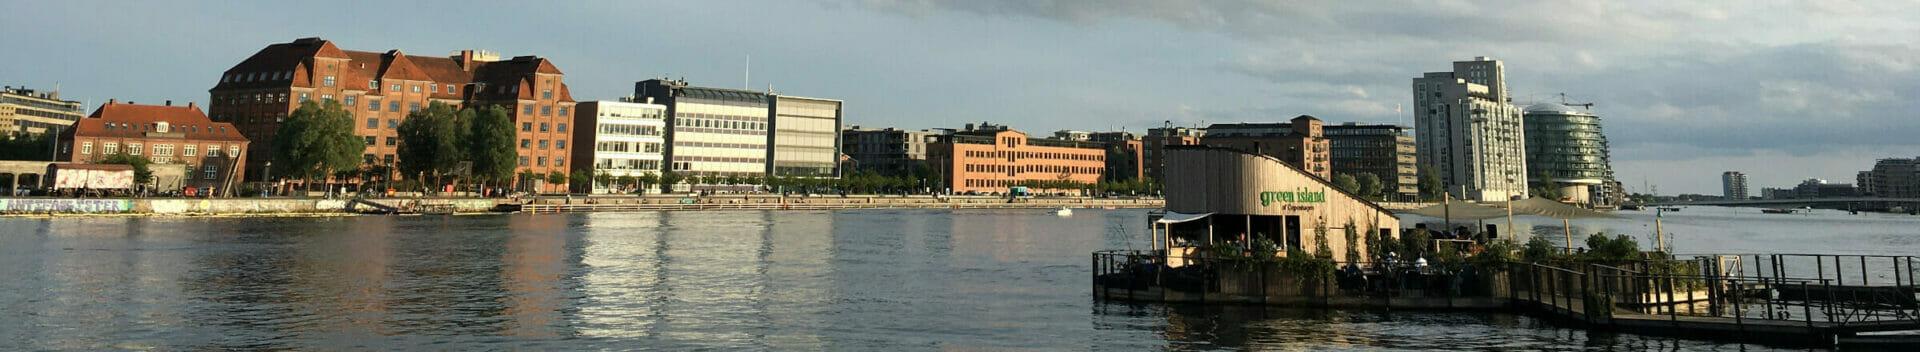 Berlin-Kopenhagen-Radweg - Kopenhagen - Havnestaden